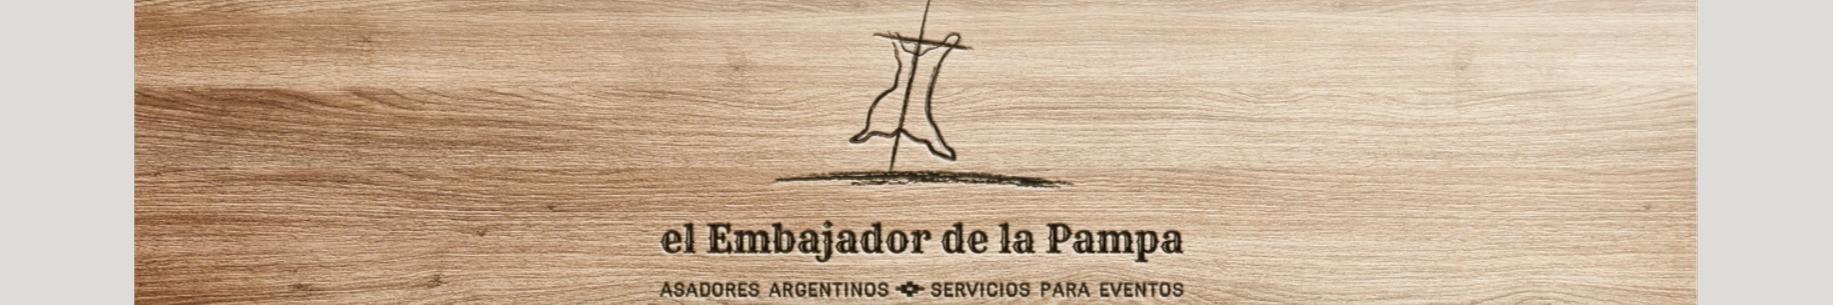 El Embajador de la Pampa - Catering